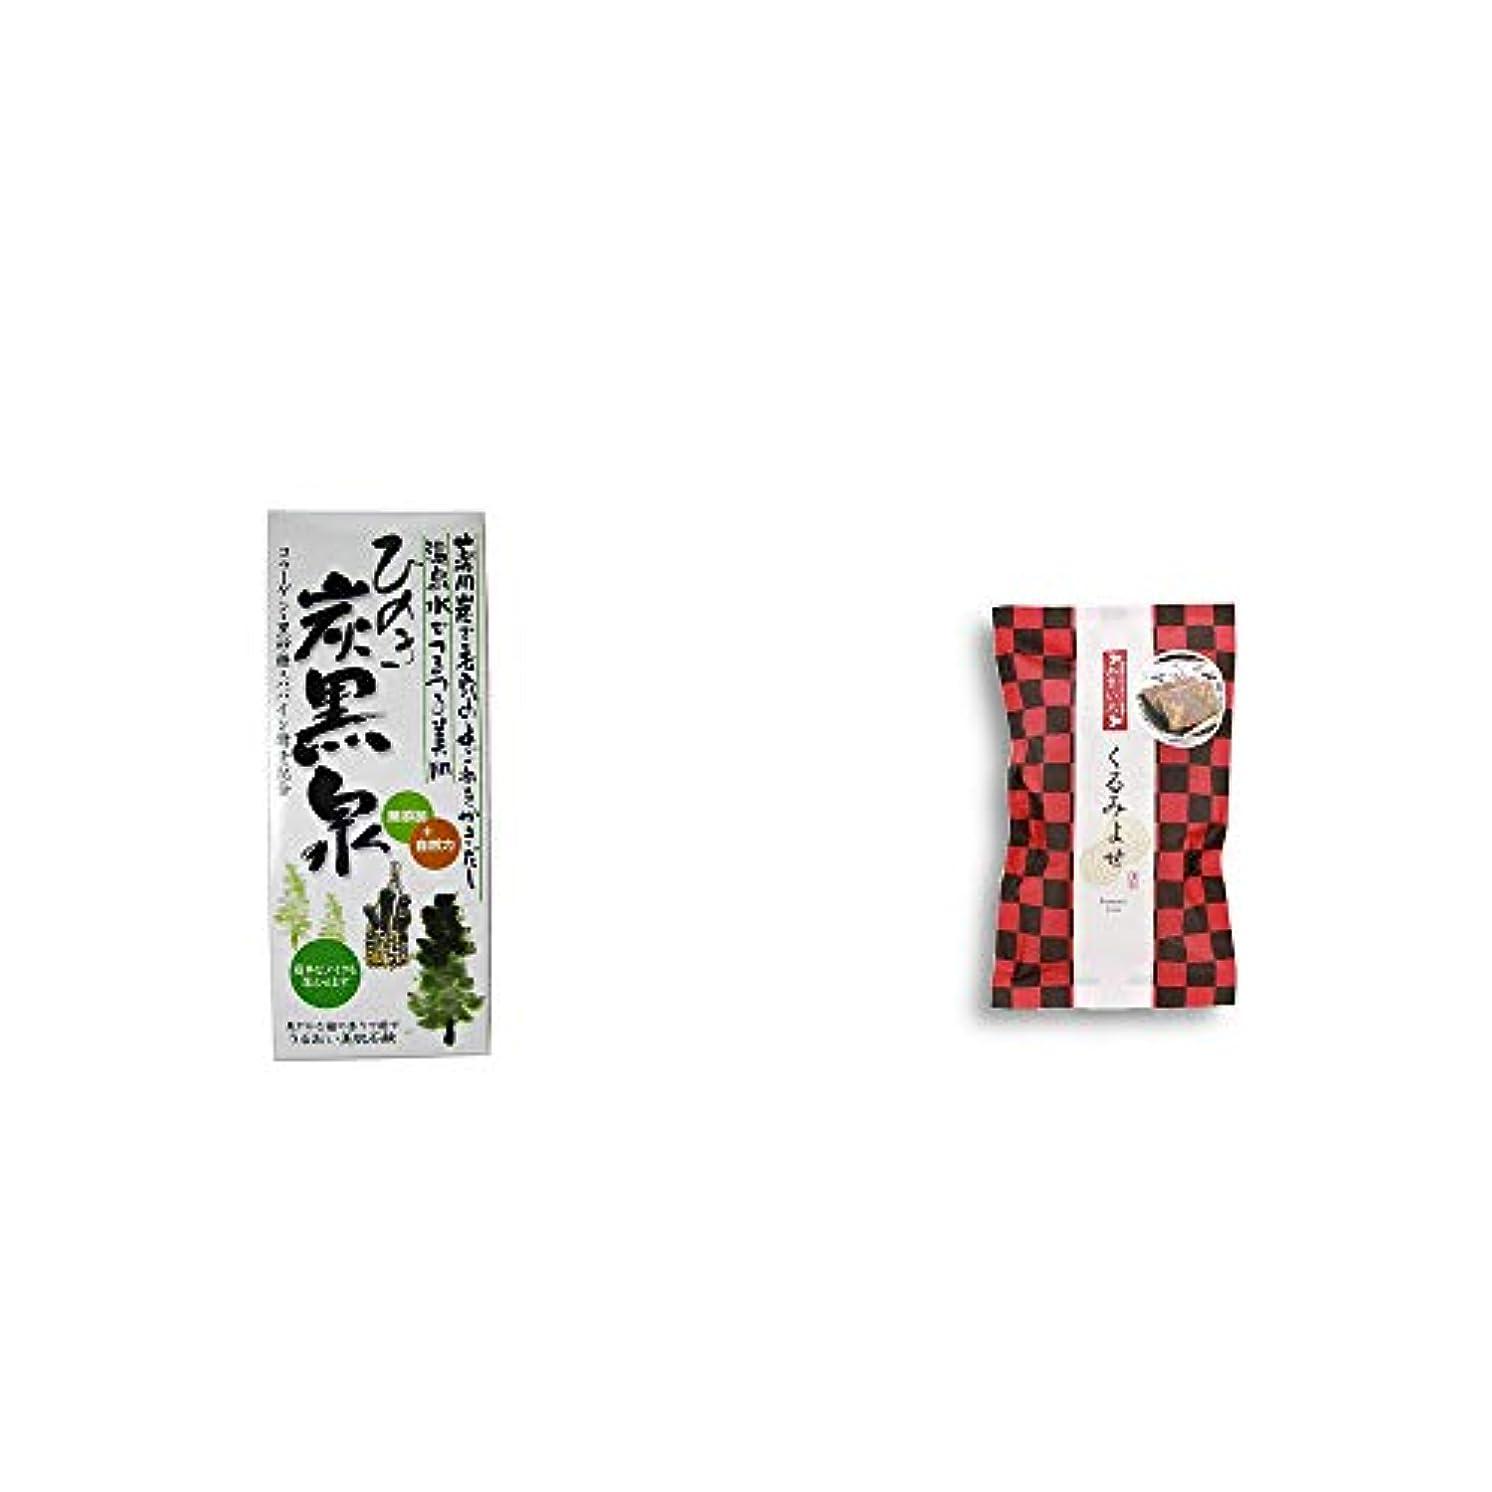 圧縮リハーサル頑丈[2点セット] ひのき炭黒泉 箱入り(75g×3)?くるみよせ(こし餡)(5個入)